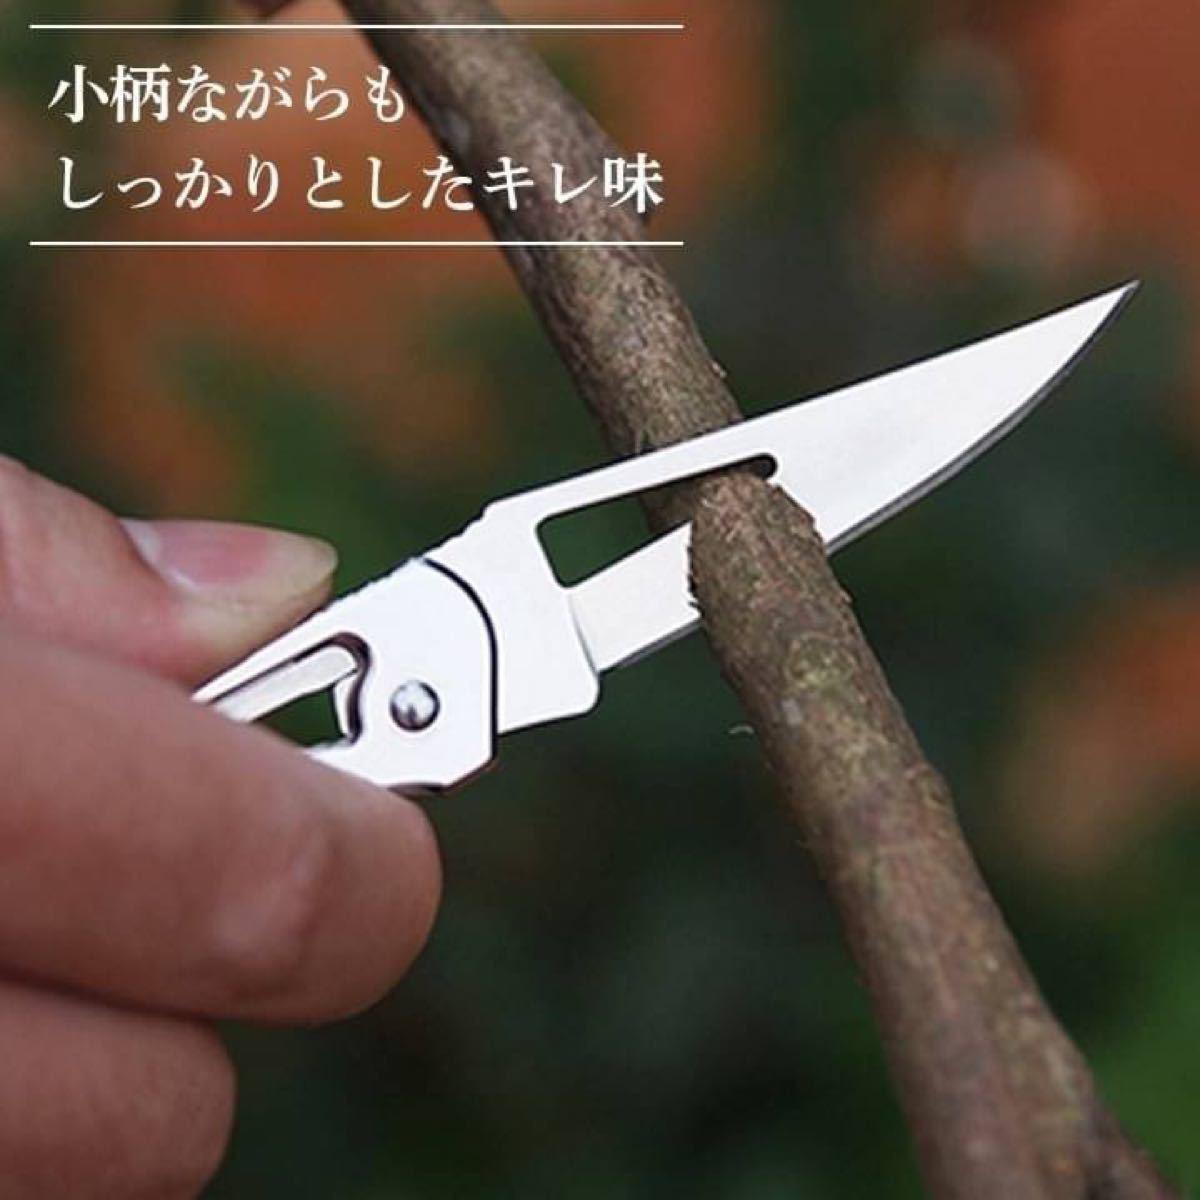 【アウトドアに最適】カラビナ折りたたみナイフ★赤色★2個セット★ 釣り キャンプ サバイバル